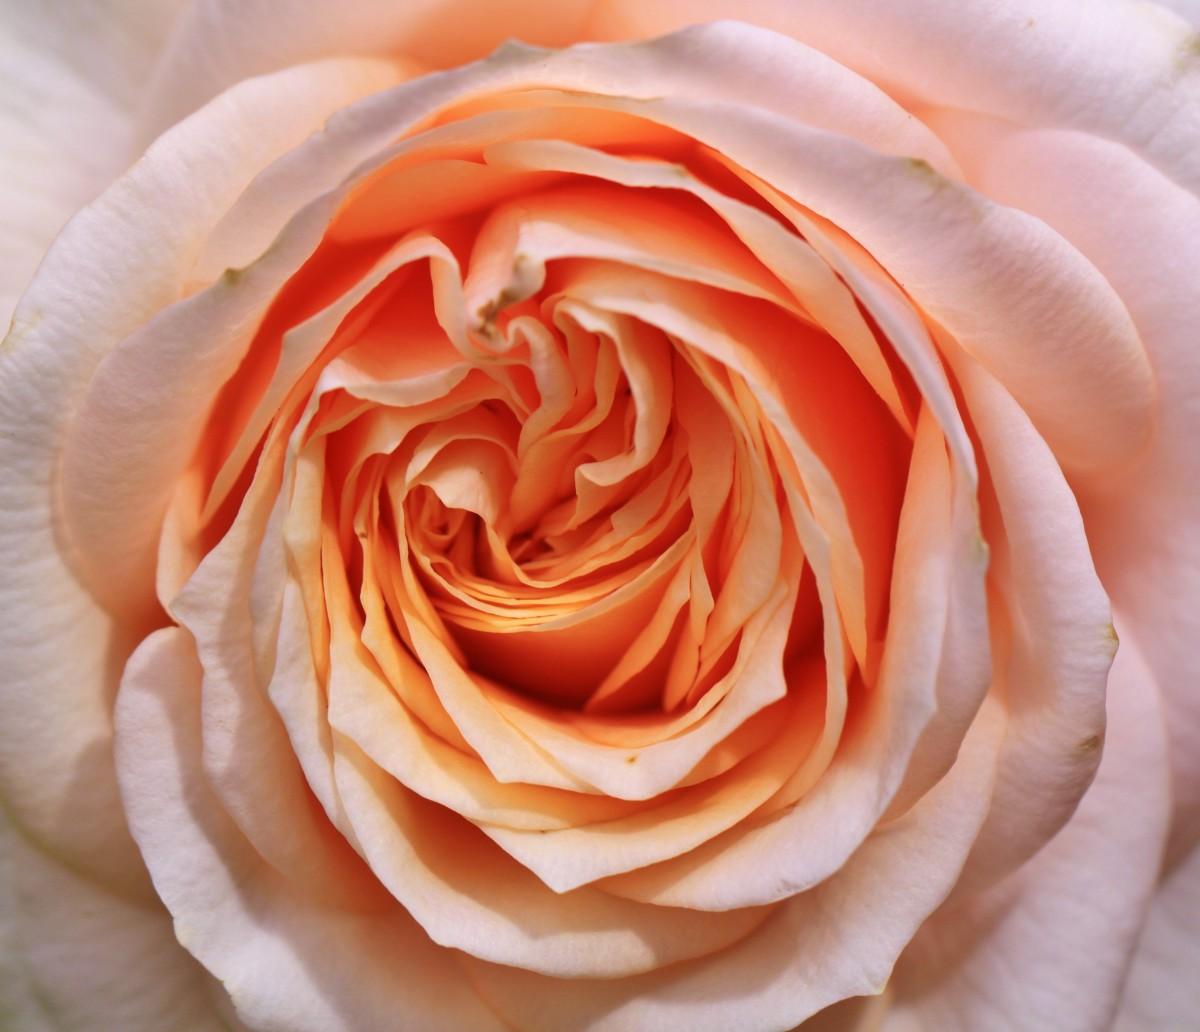 Garden Roses Flower Petal: Free Images : Nature, Blossom, Flower, Petal, Bloom